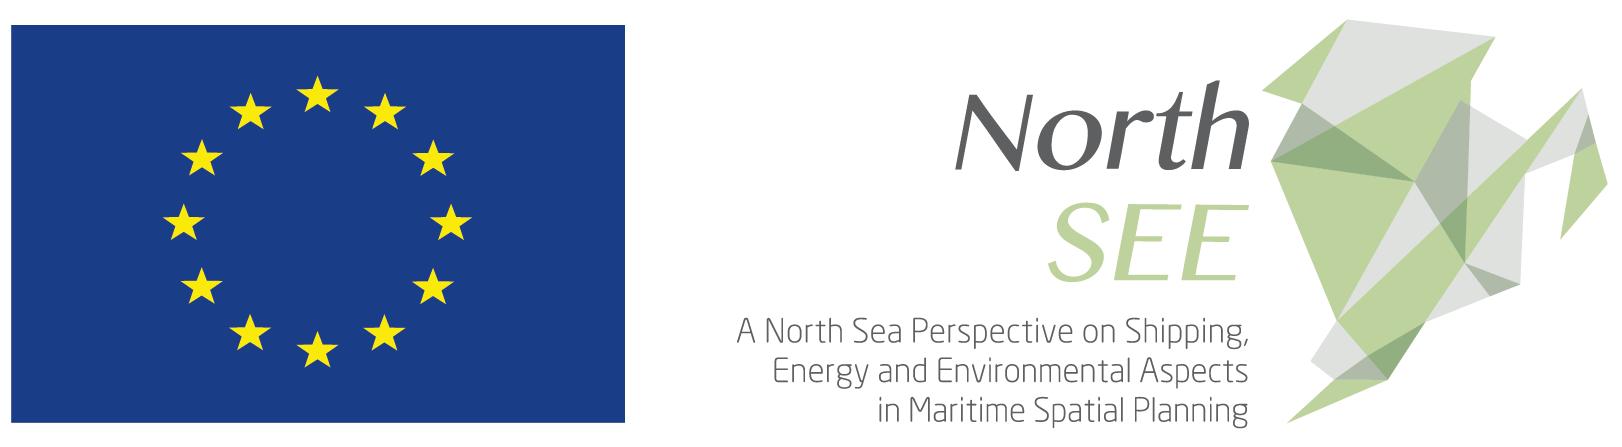 NorthSEE, Interreg VB North Sea Region Programme